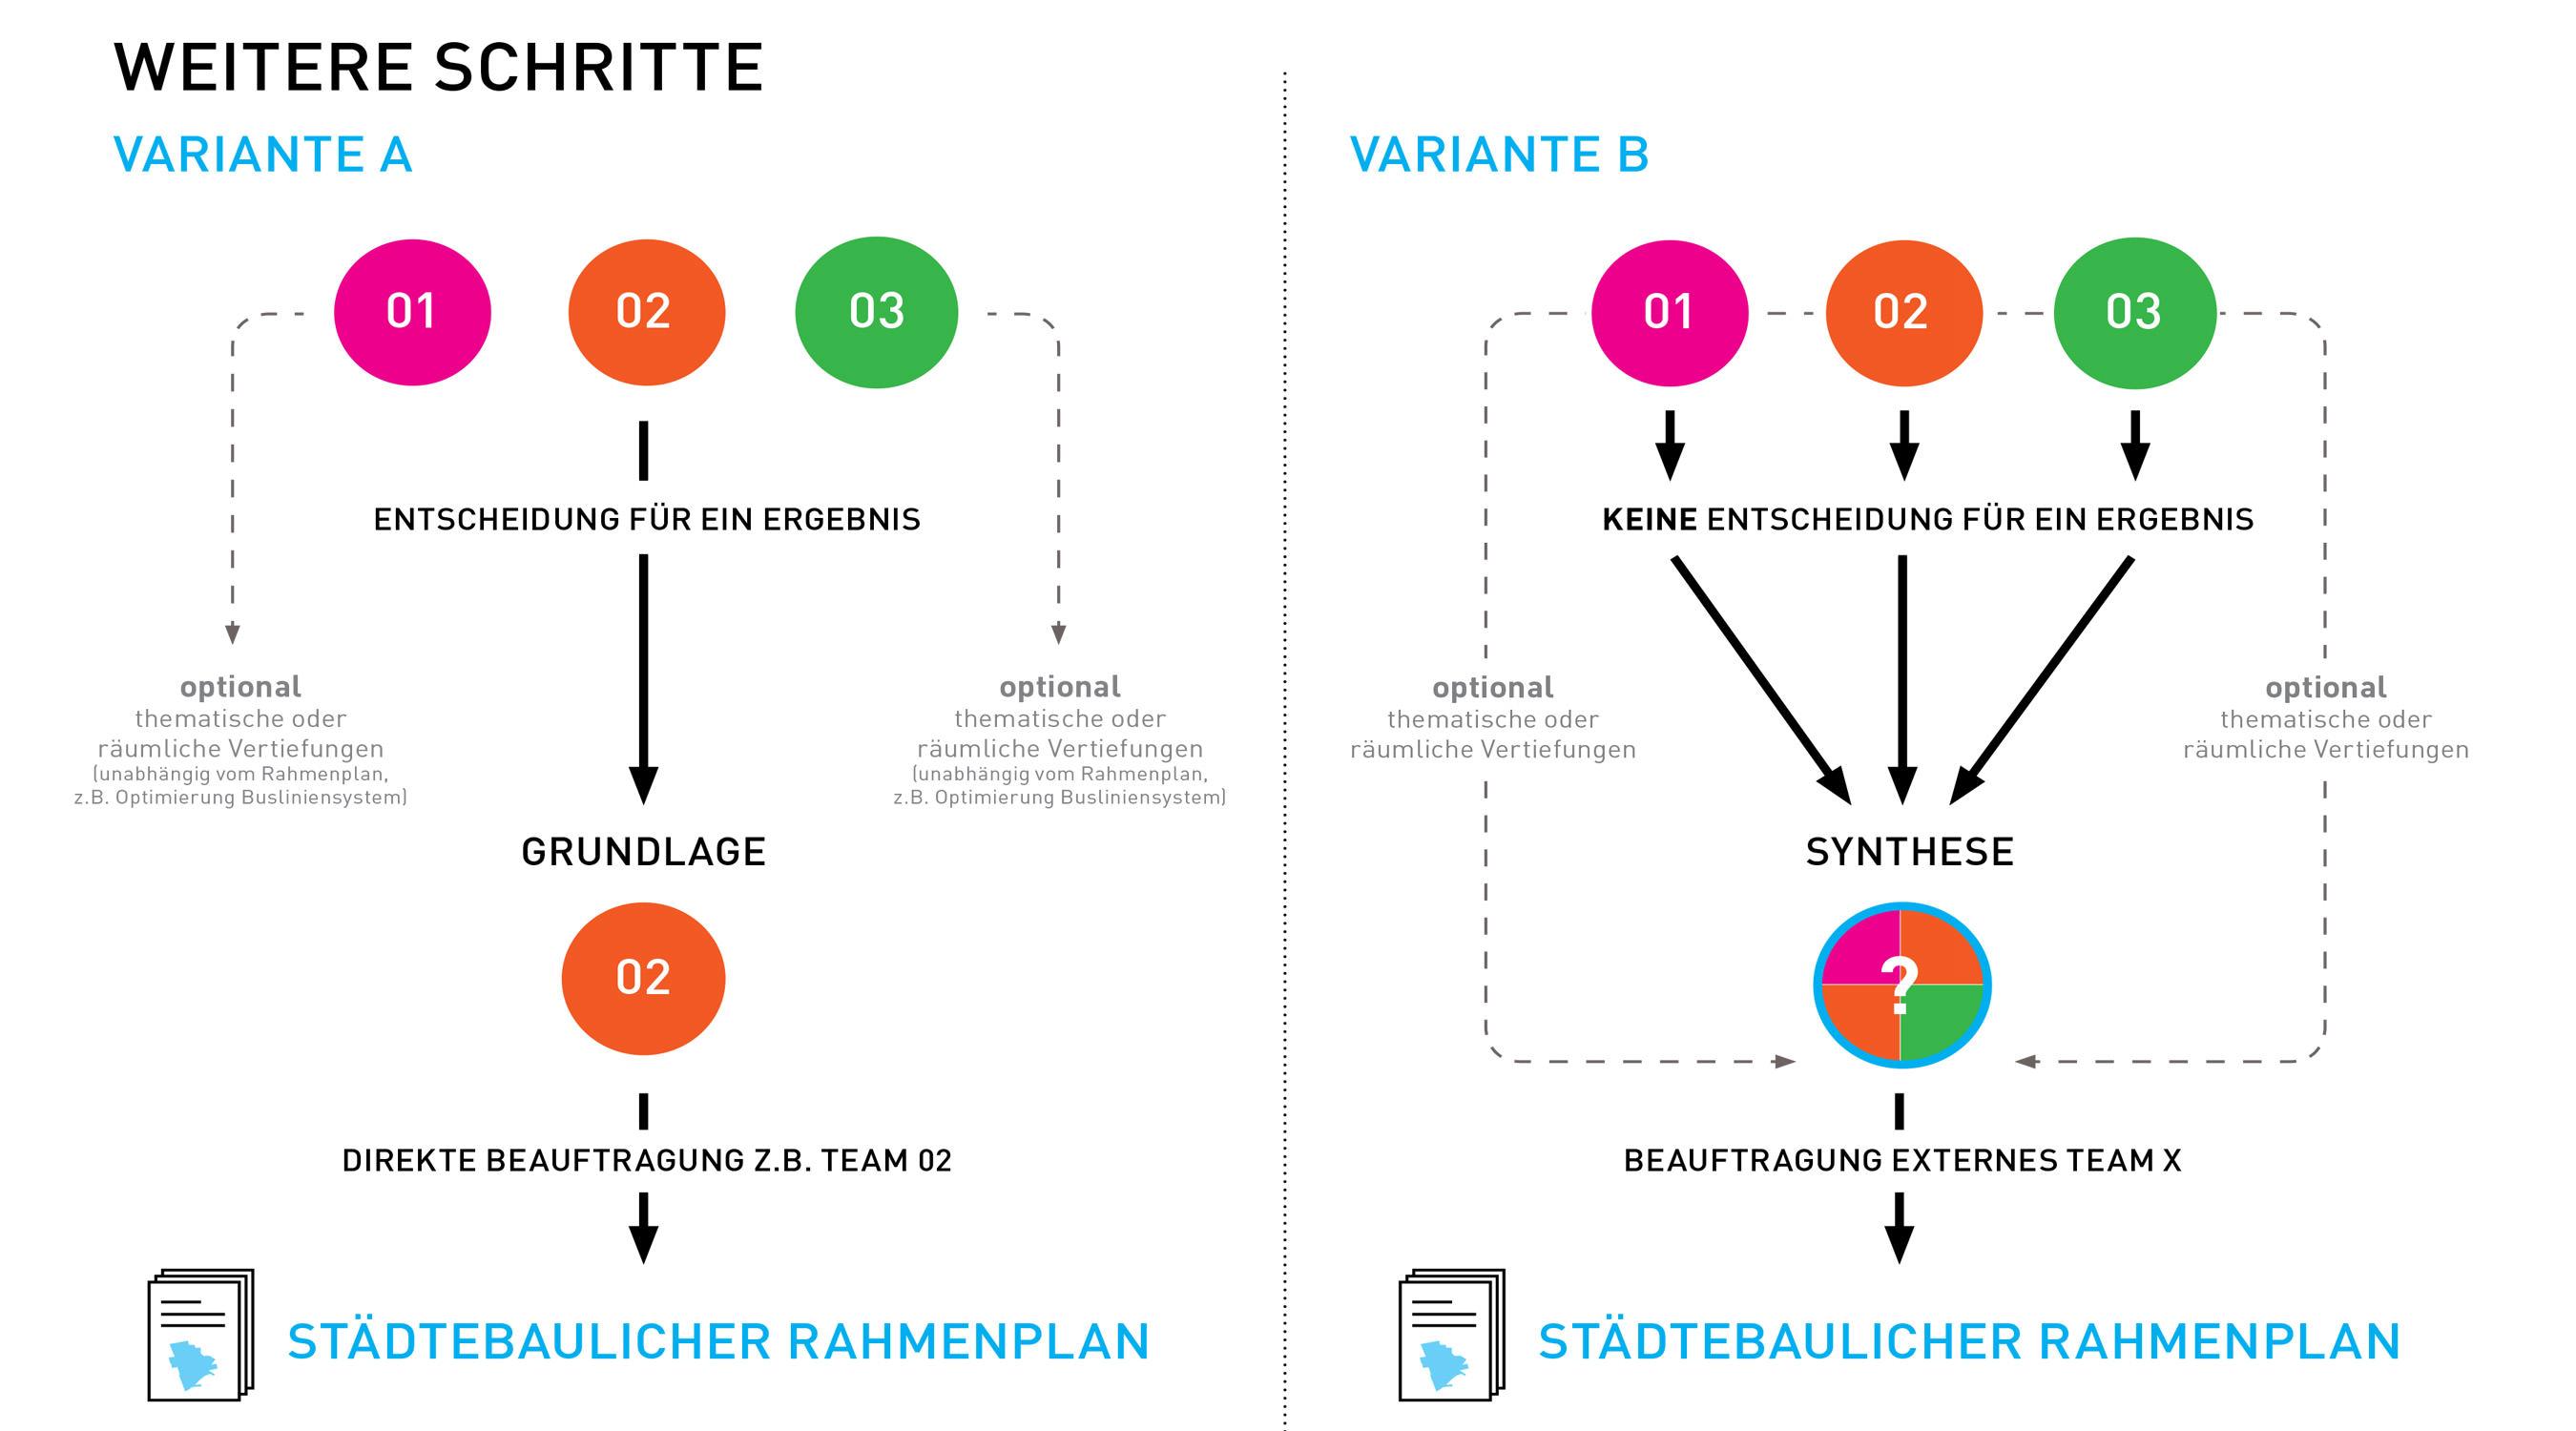 Rheinfelden Bauforum Empfehlung weiteres Vorgehen